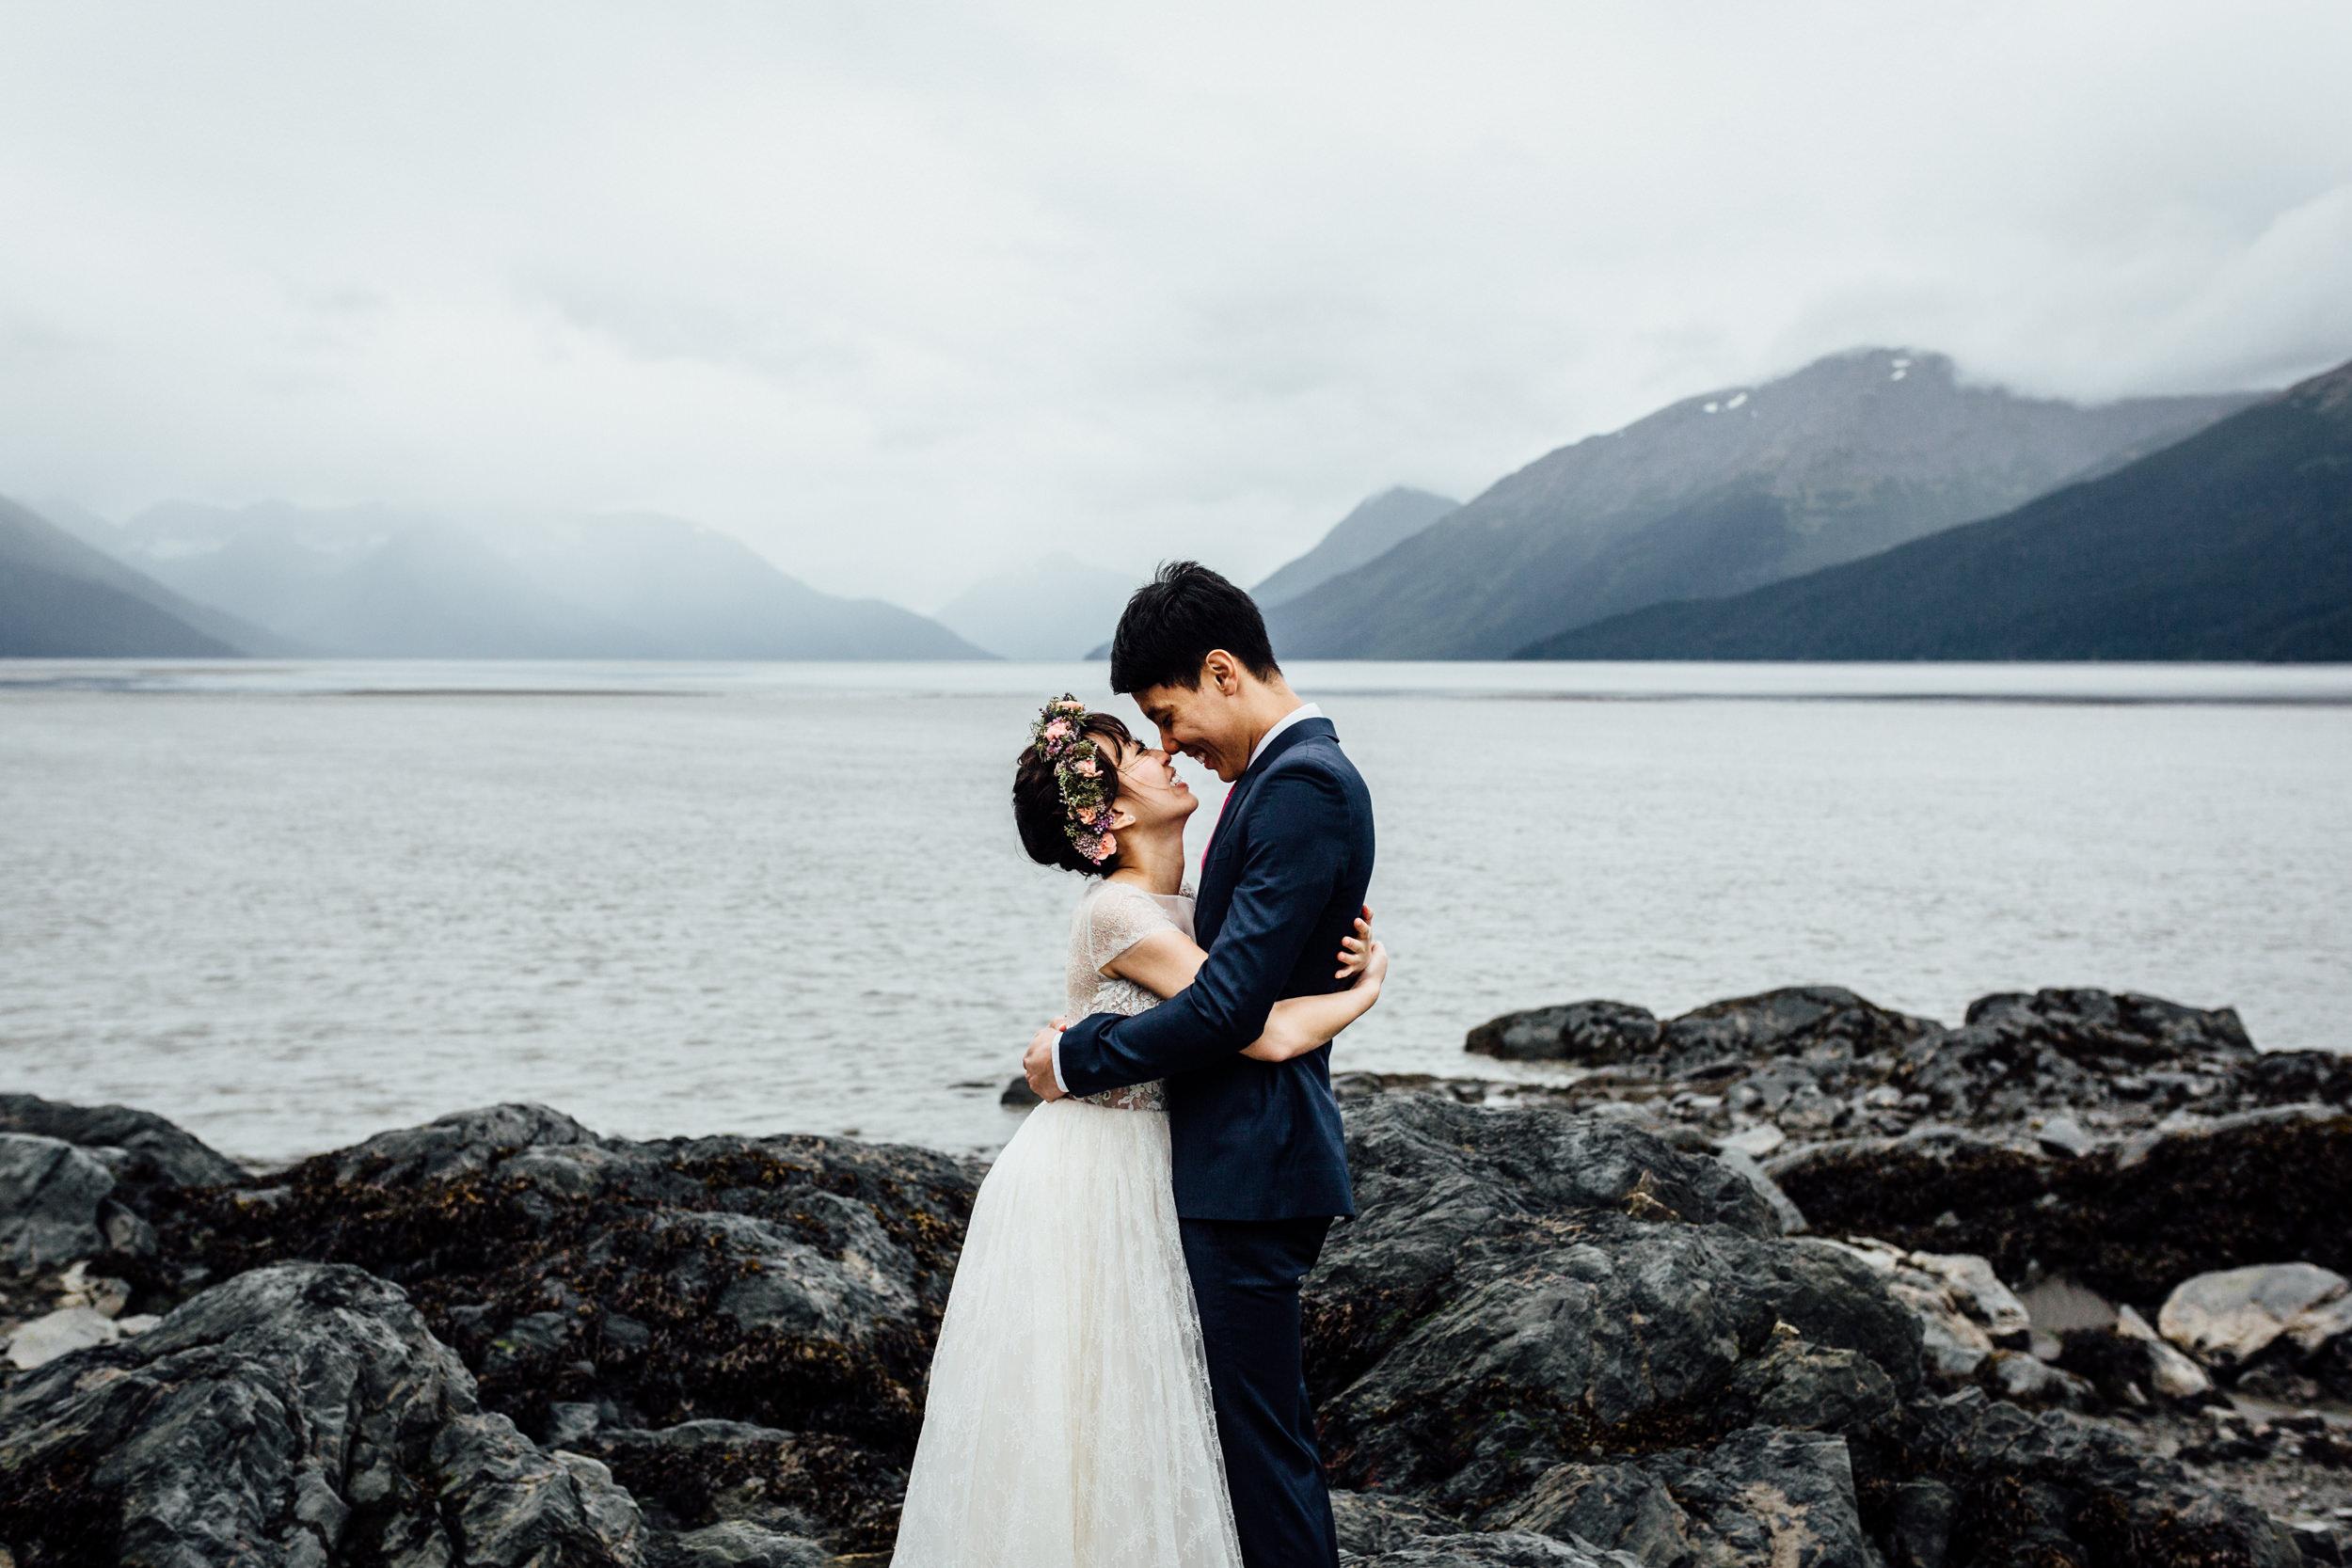 Couple_hugging_seaside_.jpg